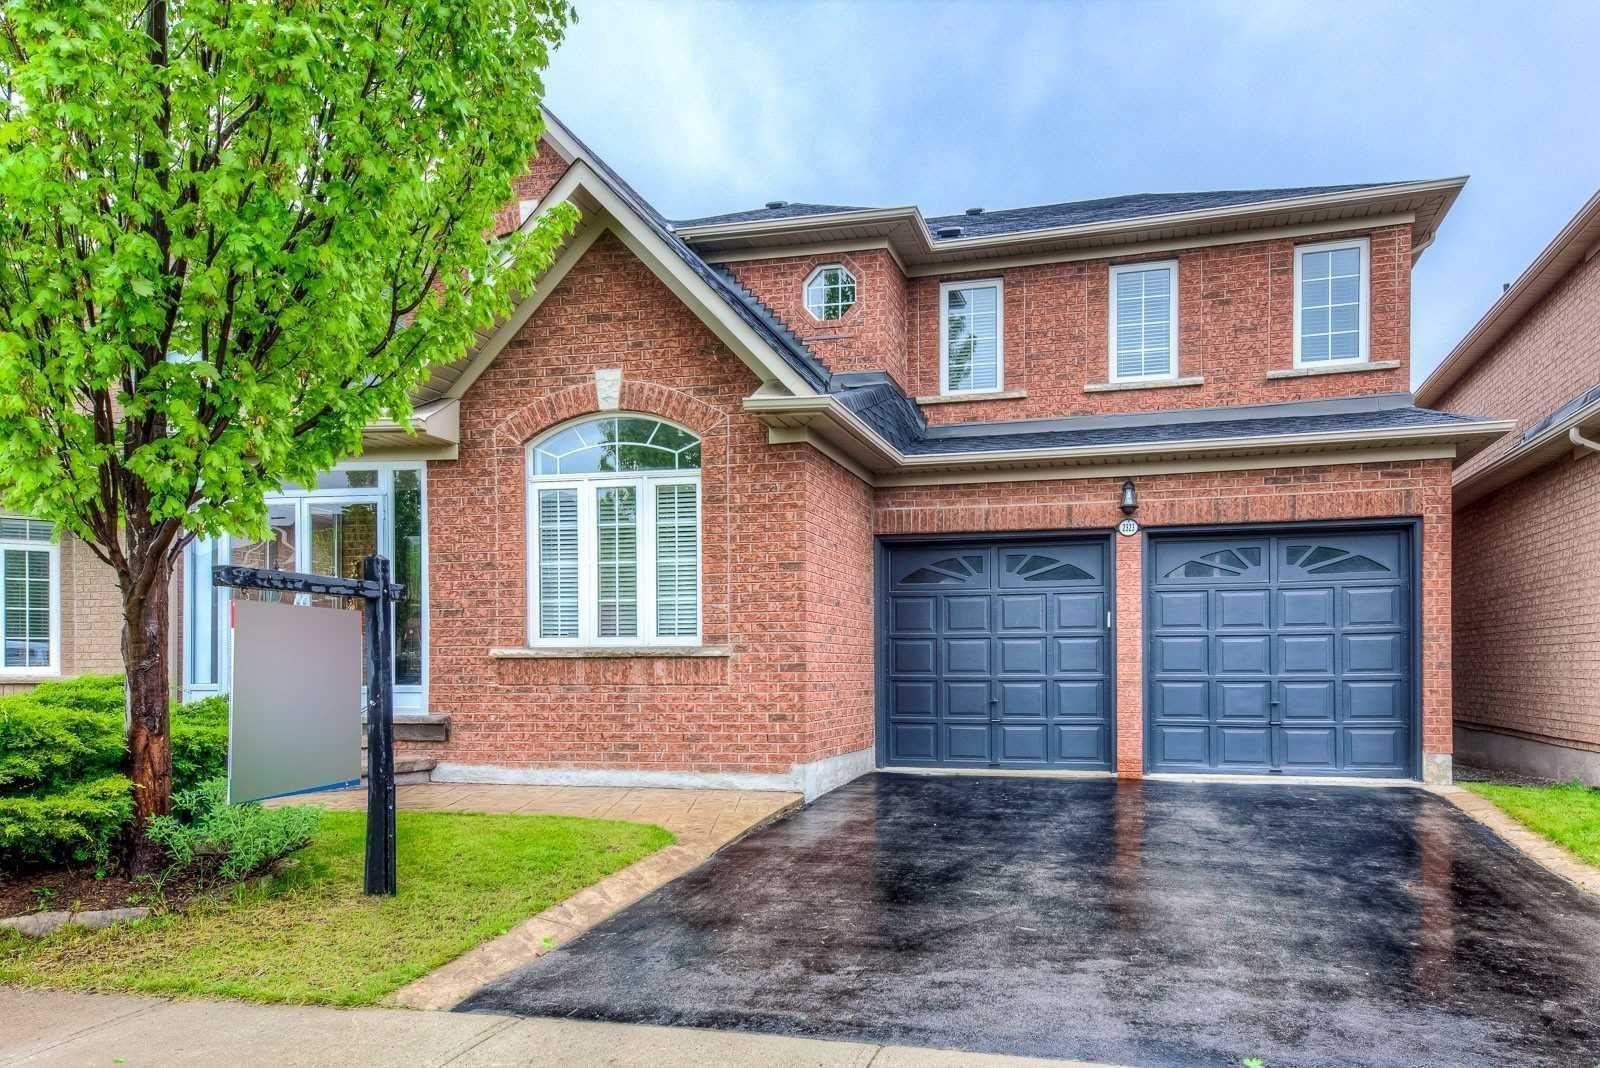 Main Photo: 2323 Falling Green Drive in Oakville: West Oak Trails House (2-Storey) for sale : MLS®# W4914286